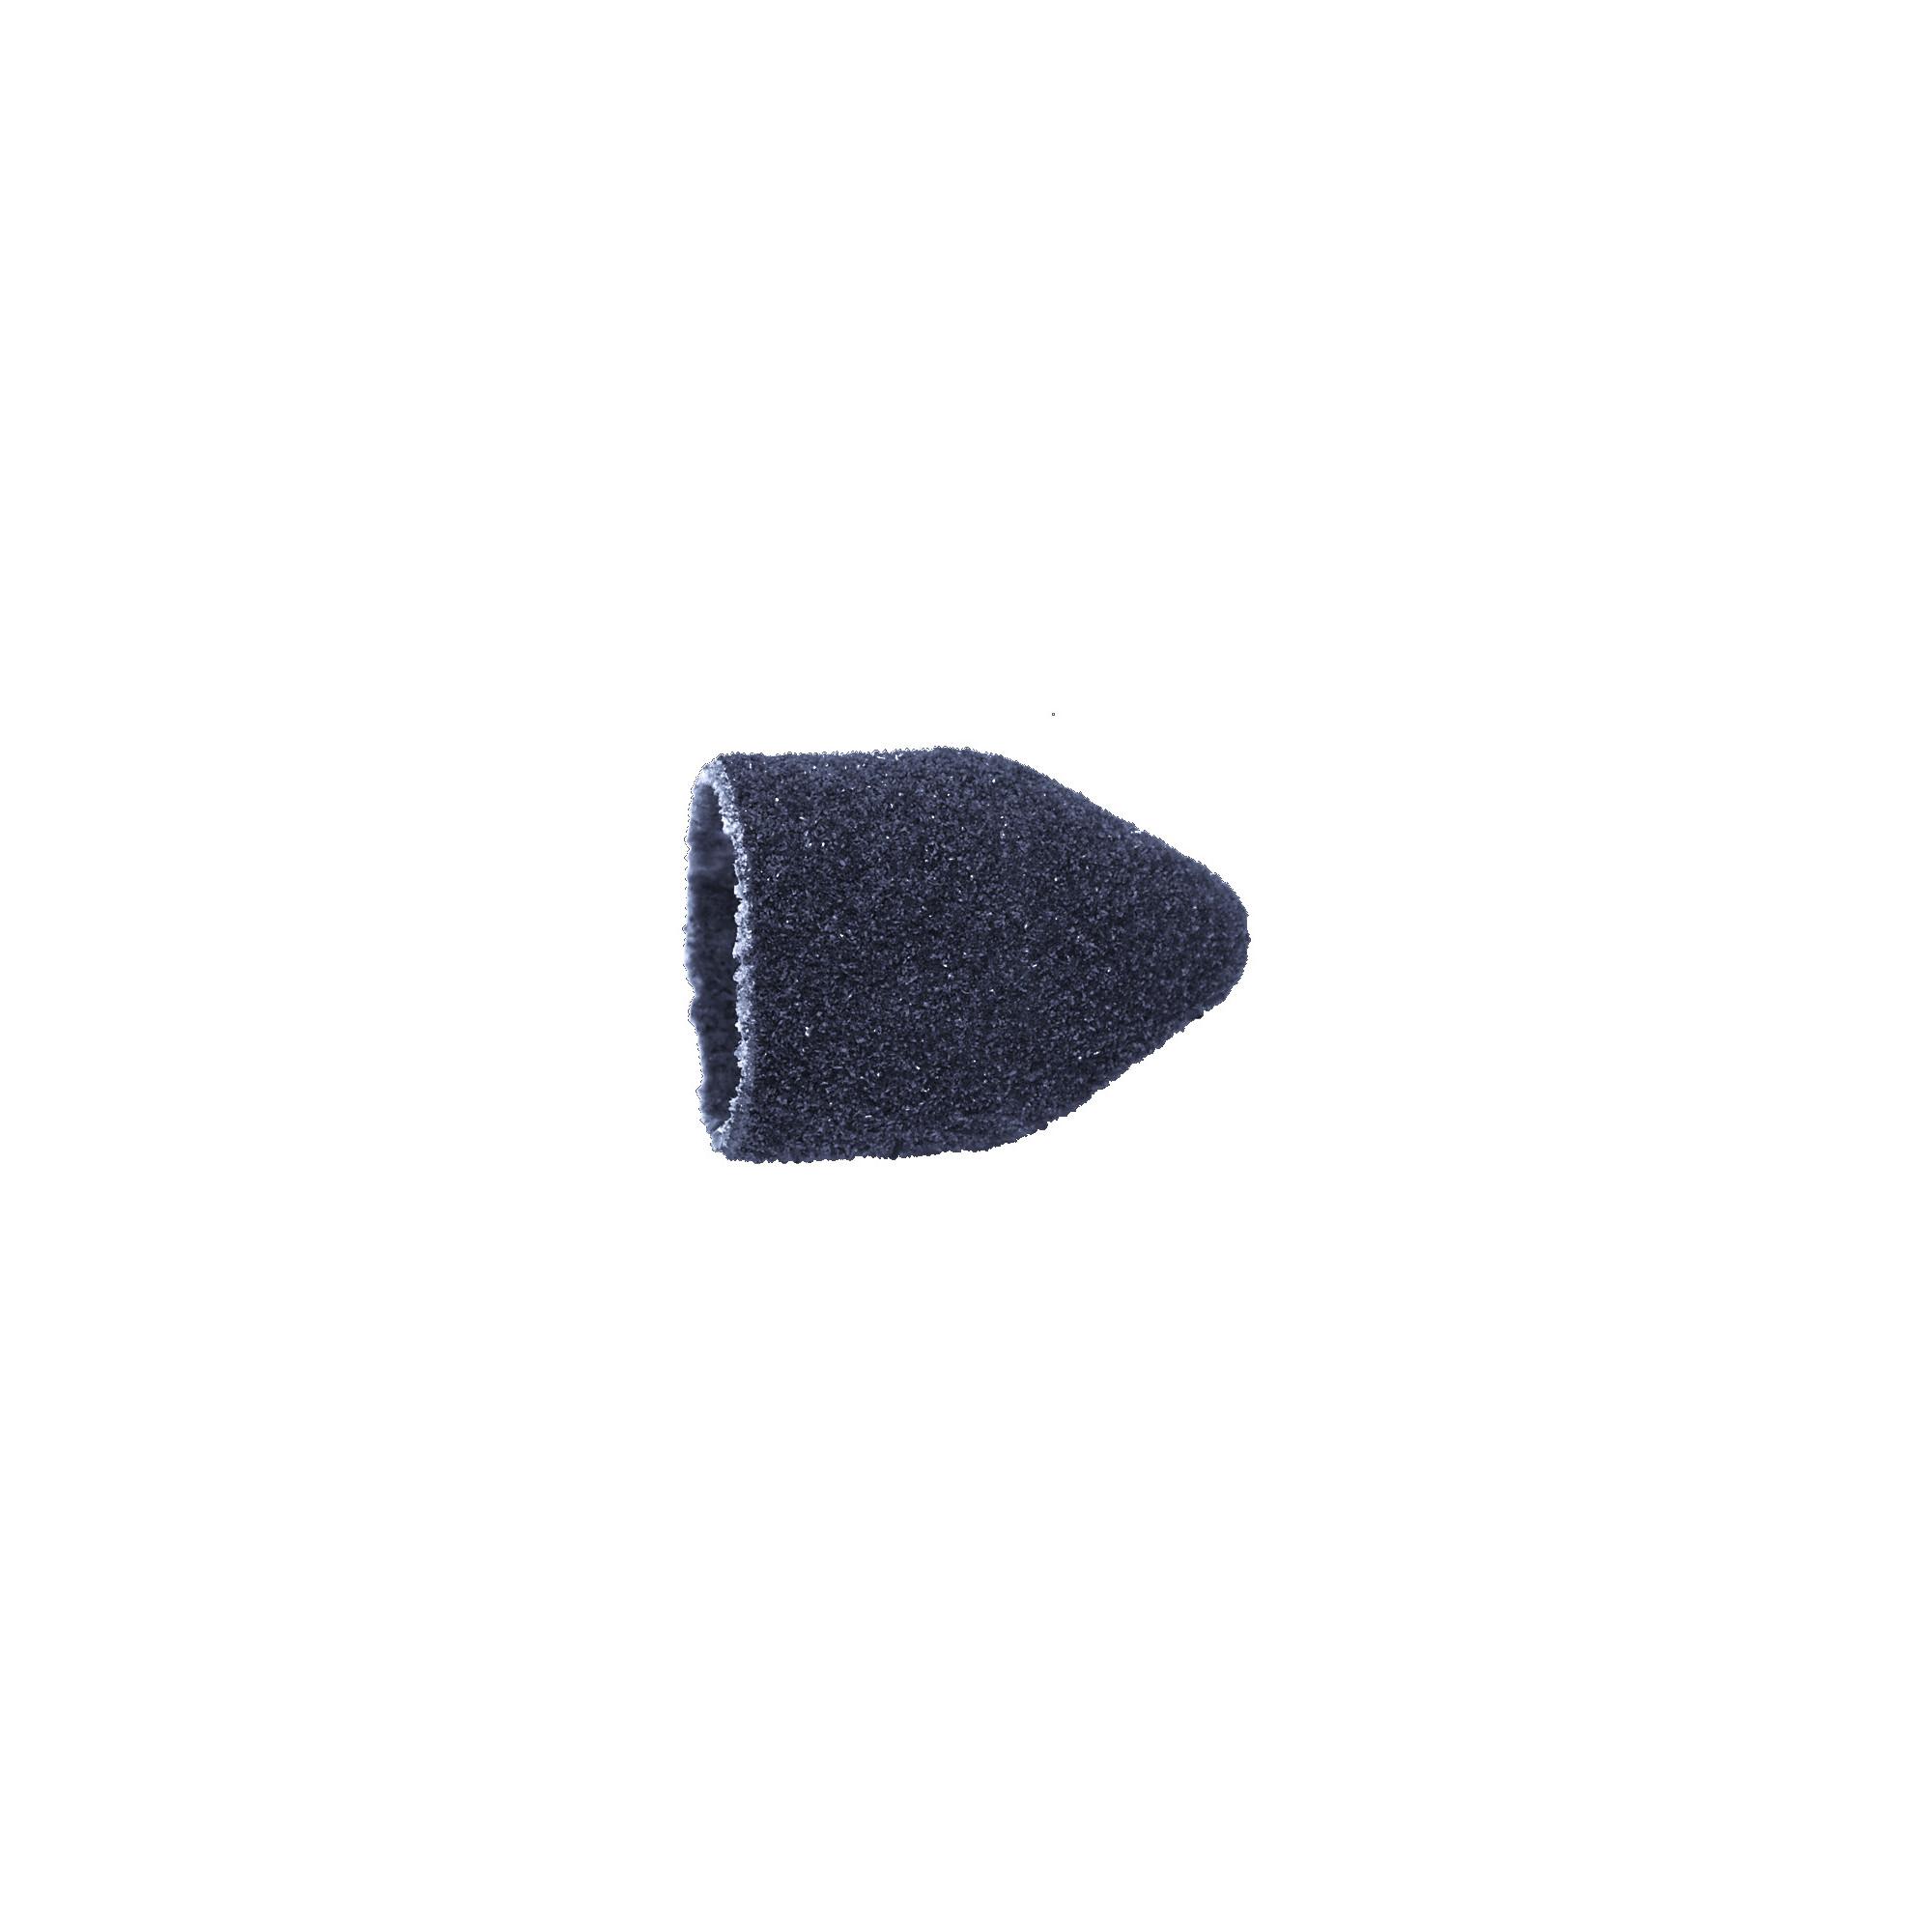 Capuchons abrasifs pointus x10 1602 - Diamant - Grain moyen - Abrasion des cors, durillons et hyperkératoses - 10 mm